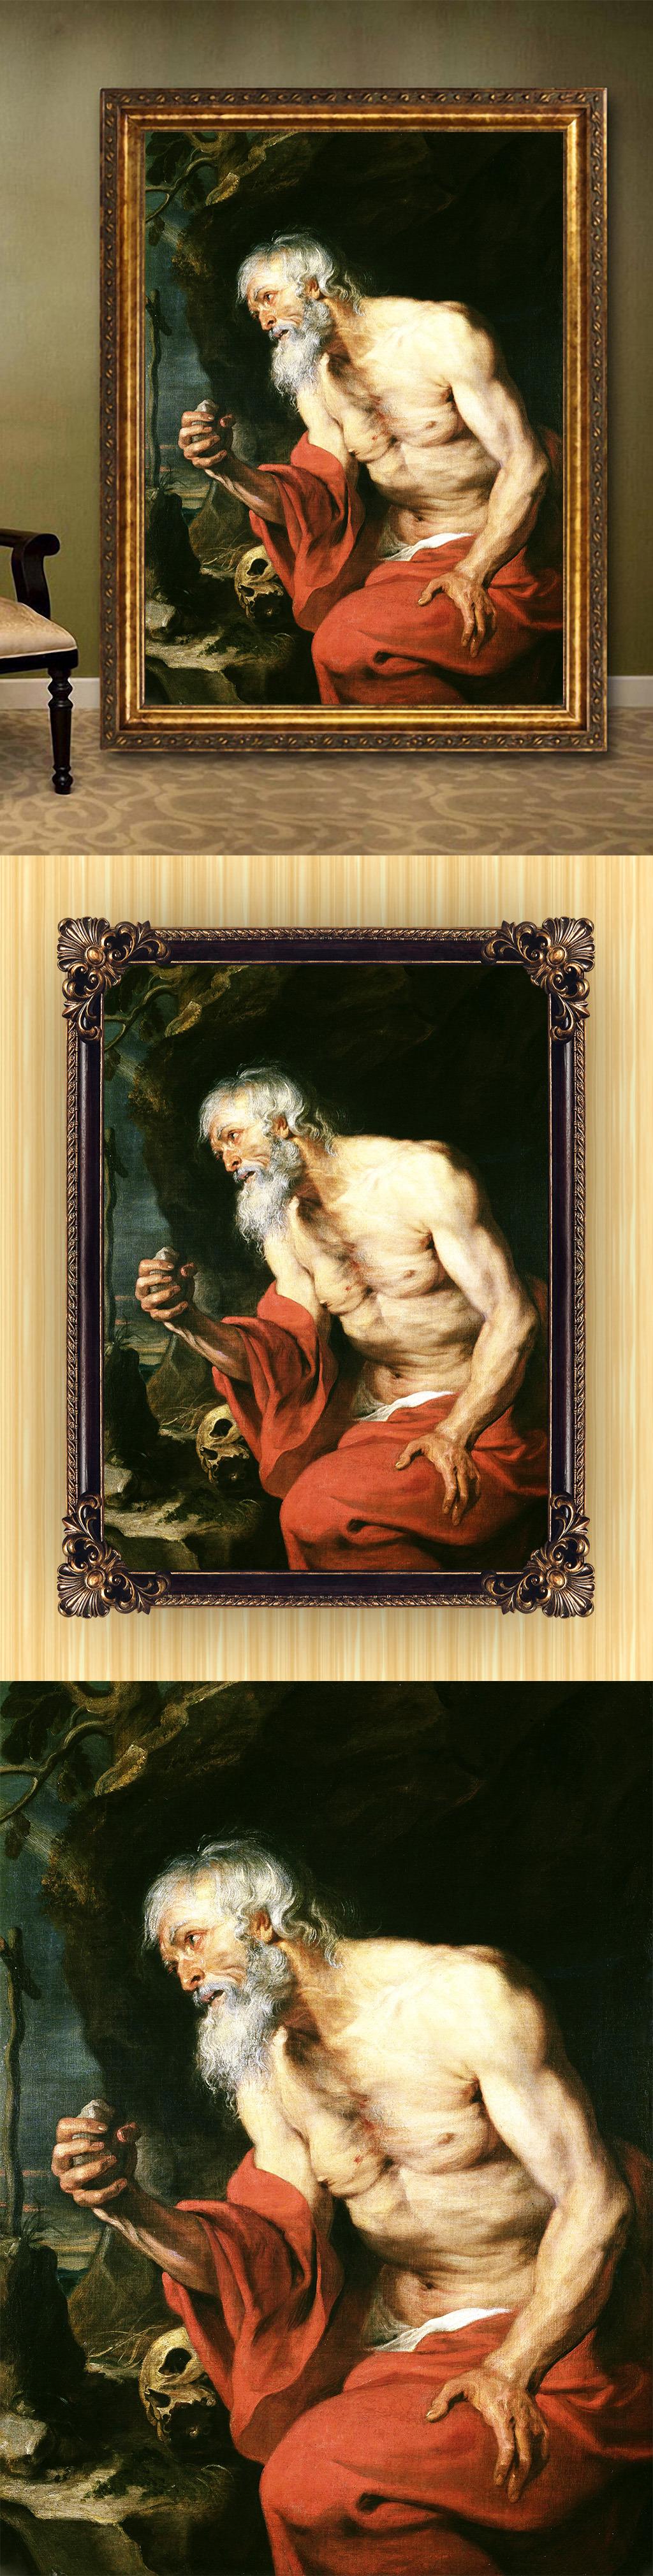 高清手绘欧式古典写实风格老人画像油画